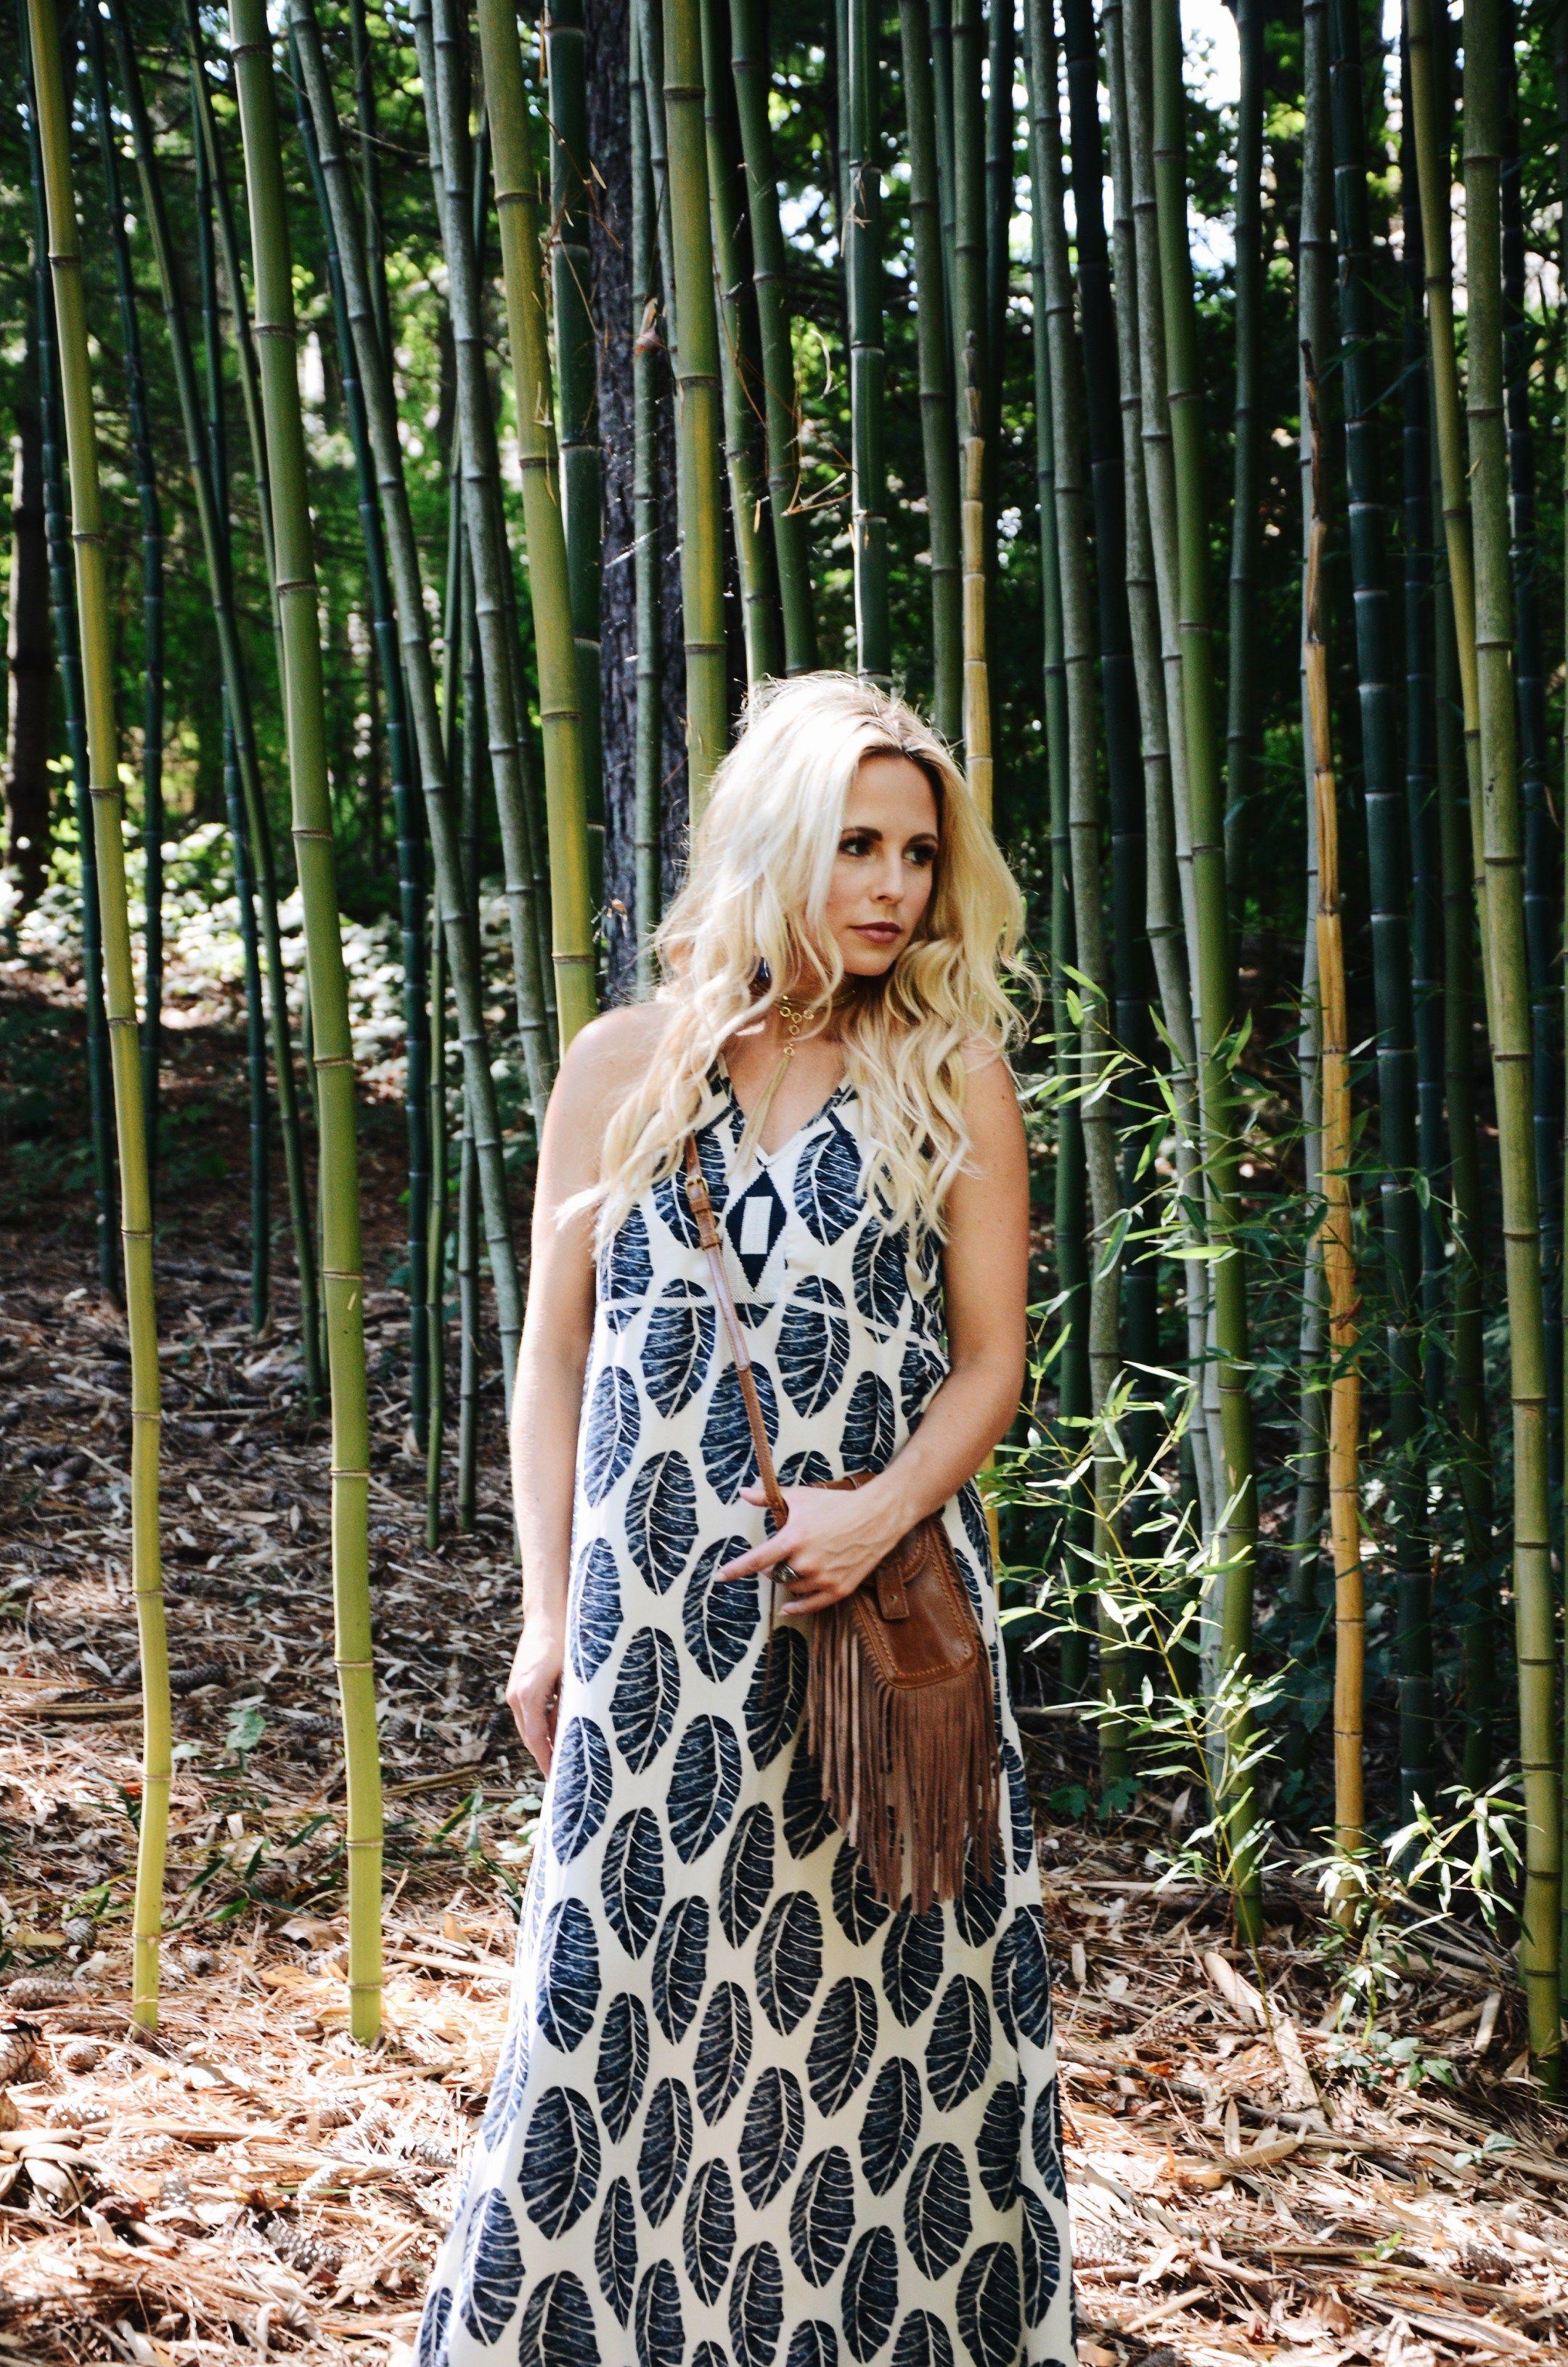 566ab9a3e6f6 Maxi Dresses You Can Easily Transition Into Fall Fashion